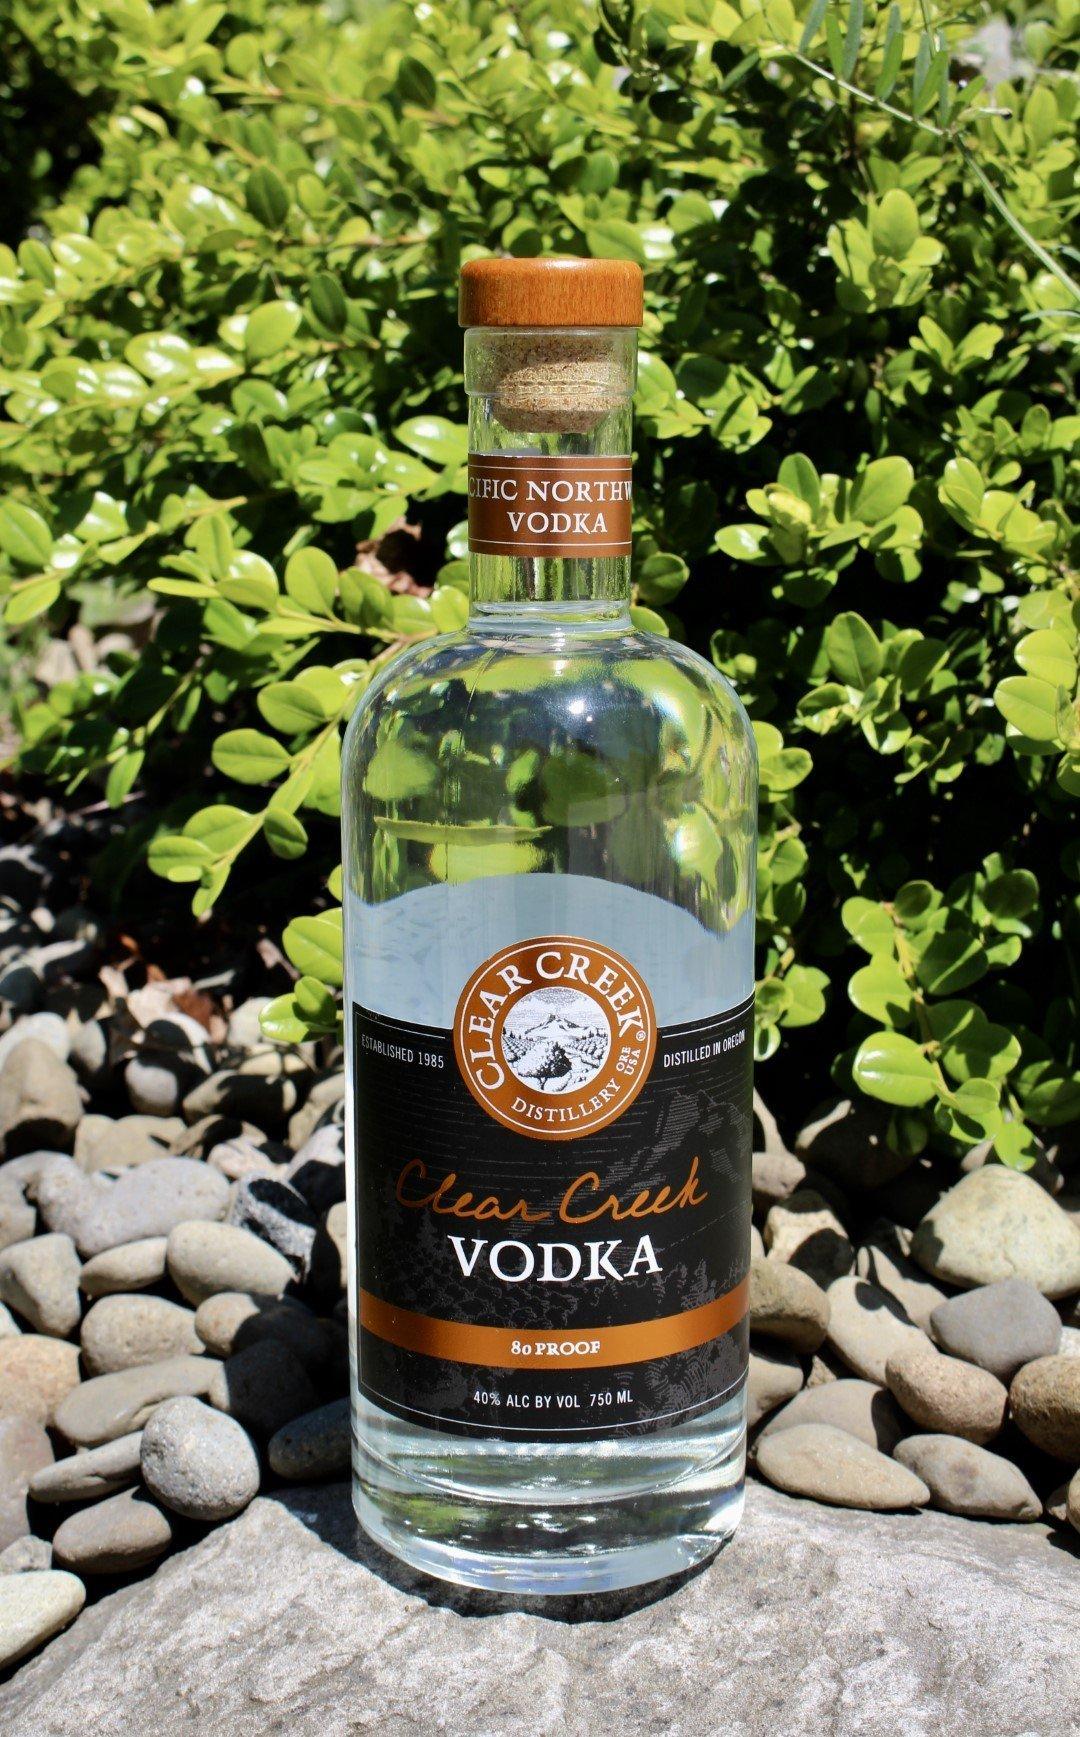 Clear Creek Vodka